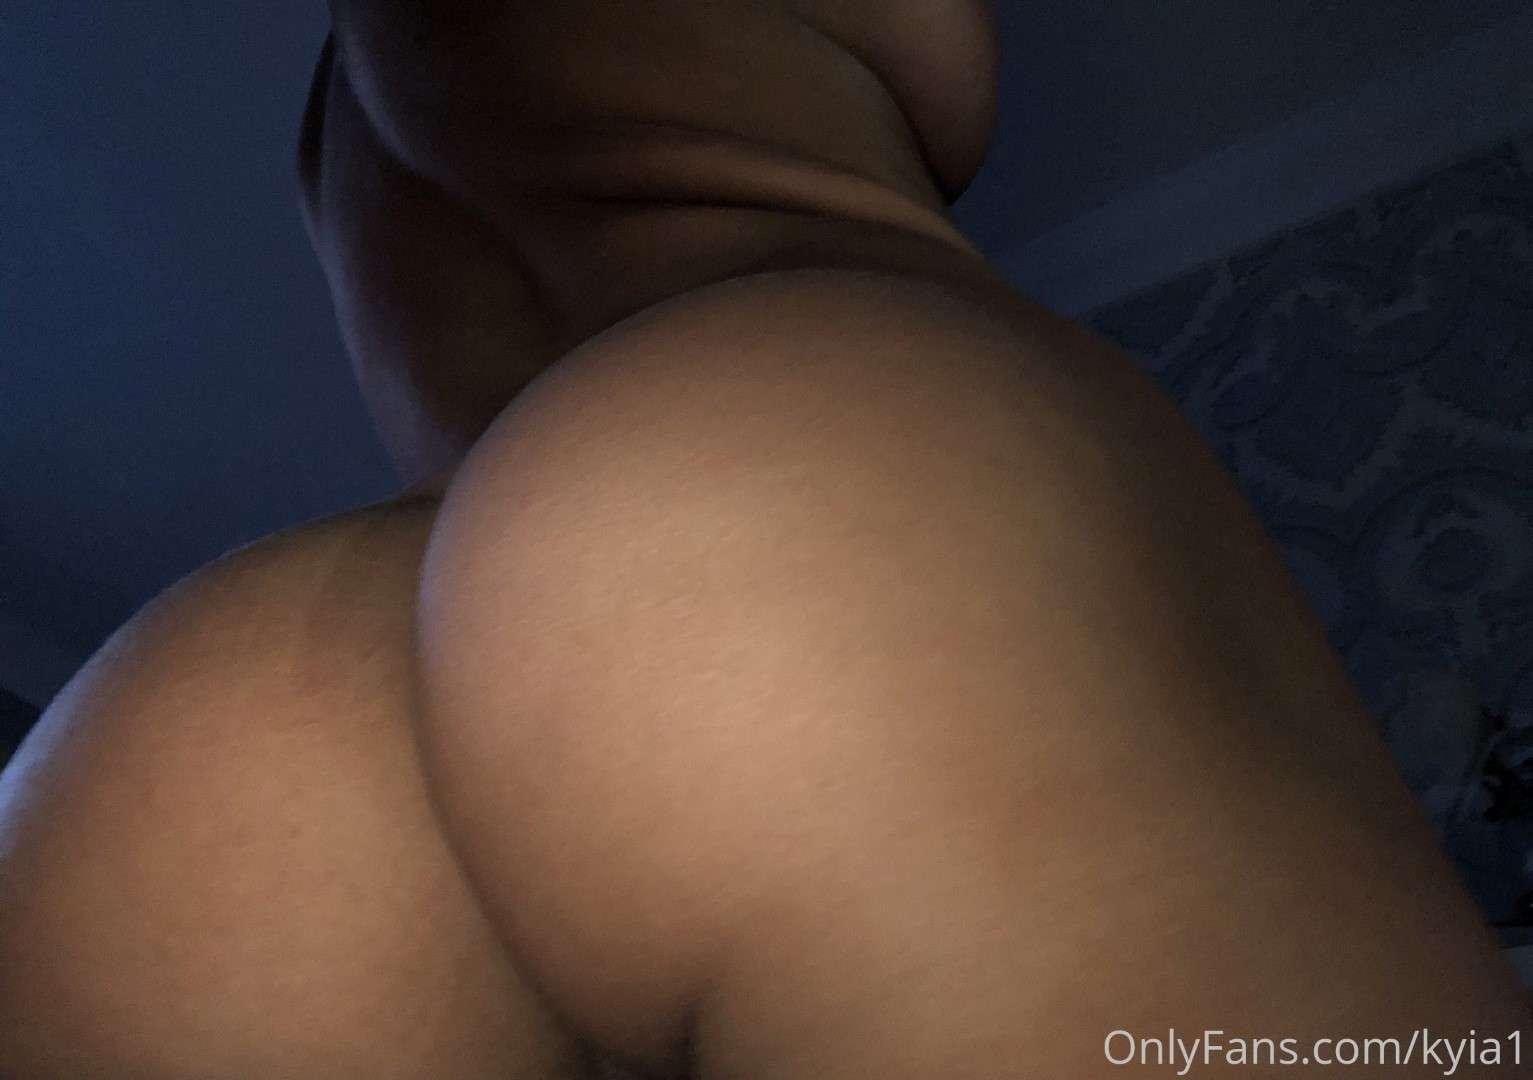 https://fitnakedgirls.com/wp-content/uploads/2020/06/FitNakedGirls.com-Kyia-Peters-nude-11.jpg